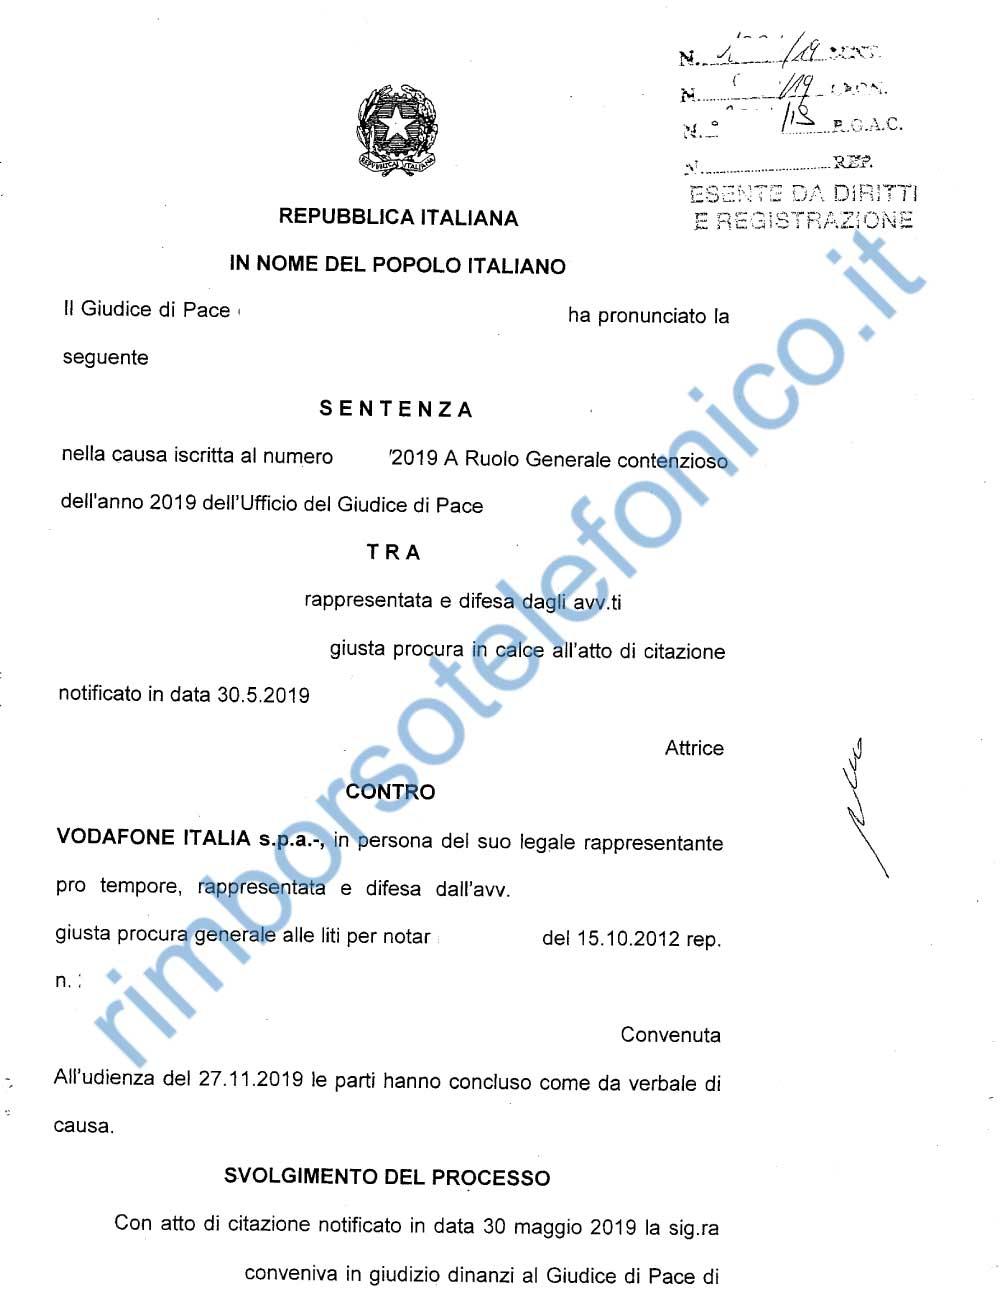 vodafone-12-12-19-rimborso-errata-fatturazione